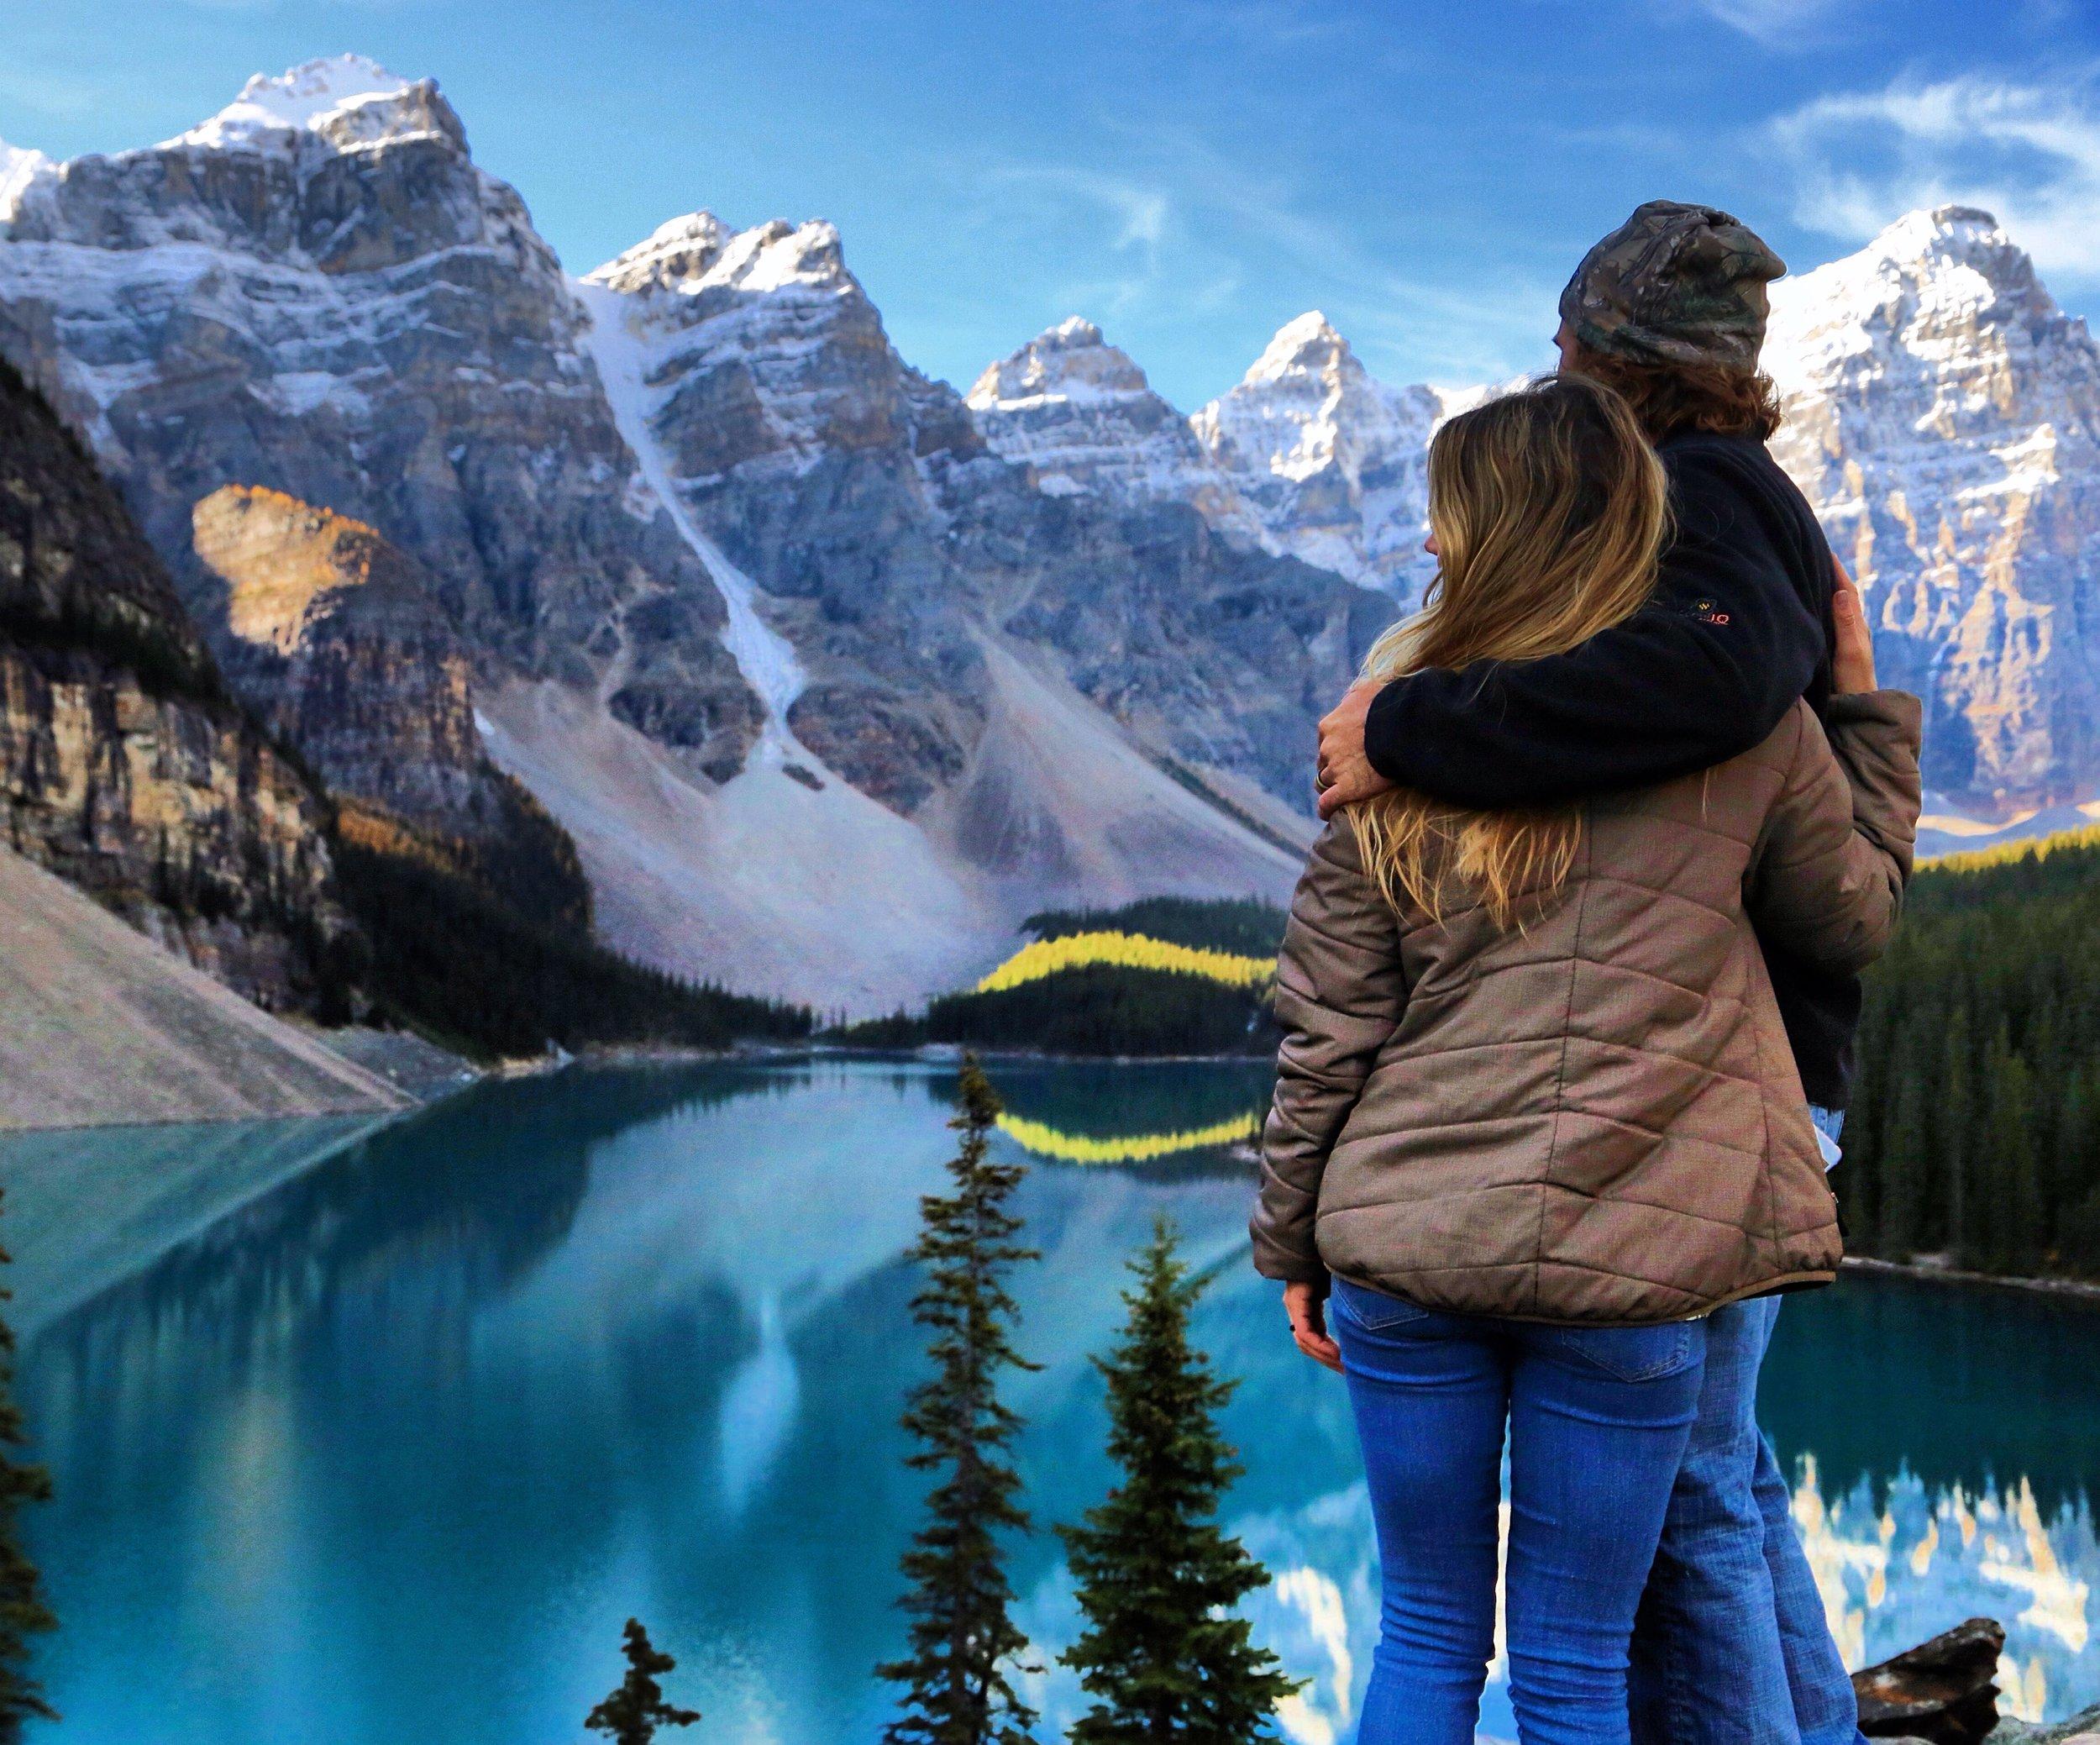 Sunny & Jordan in Canada